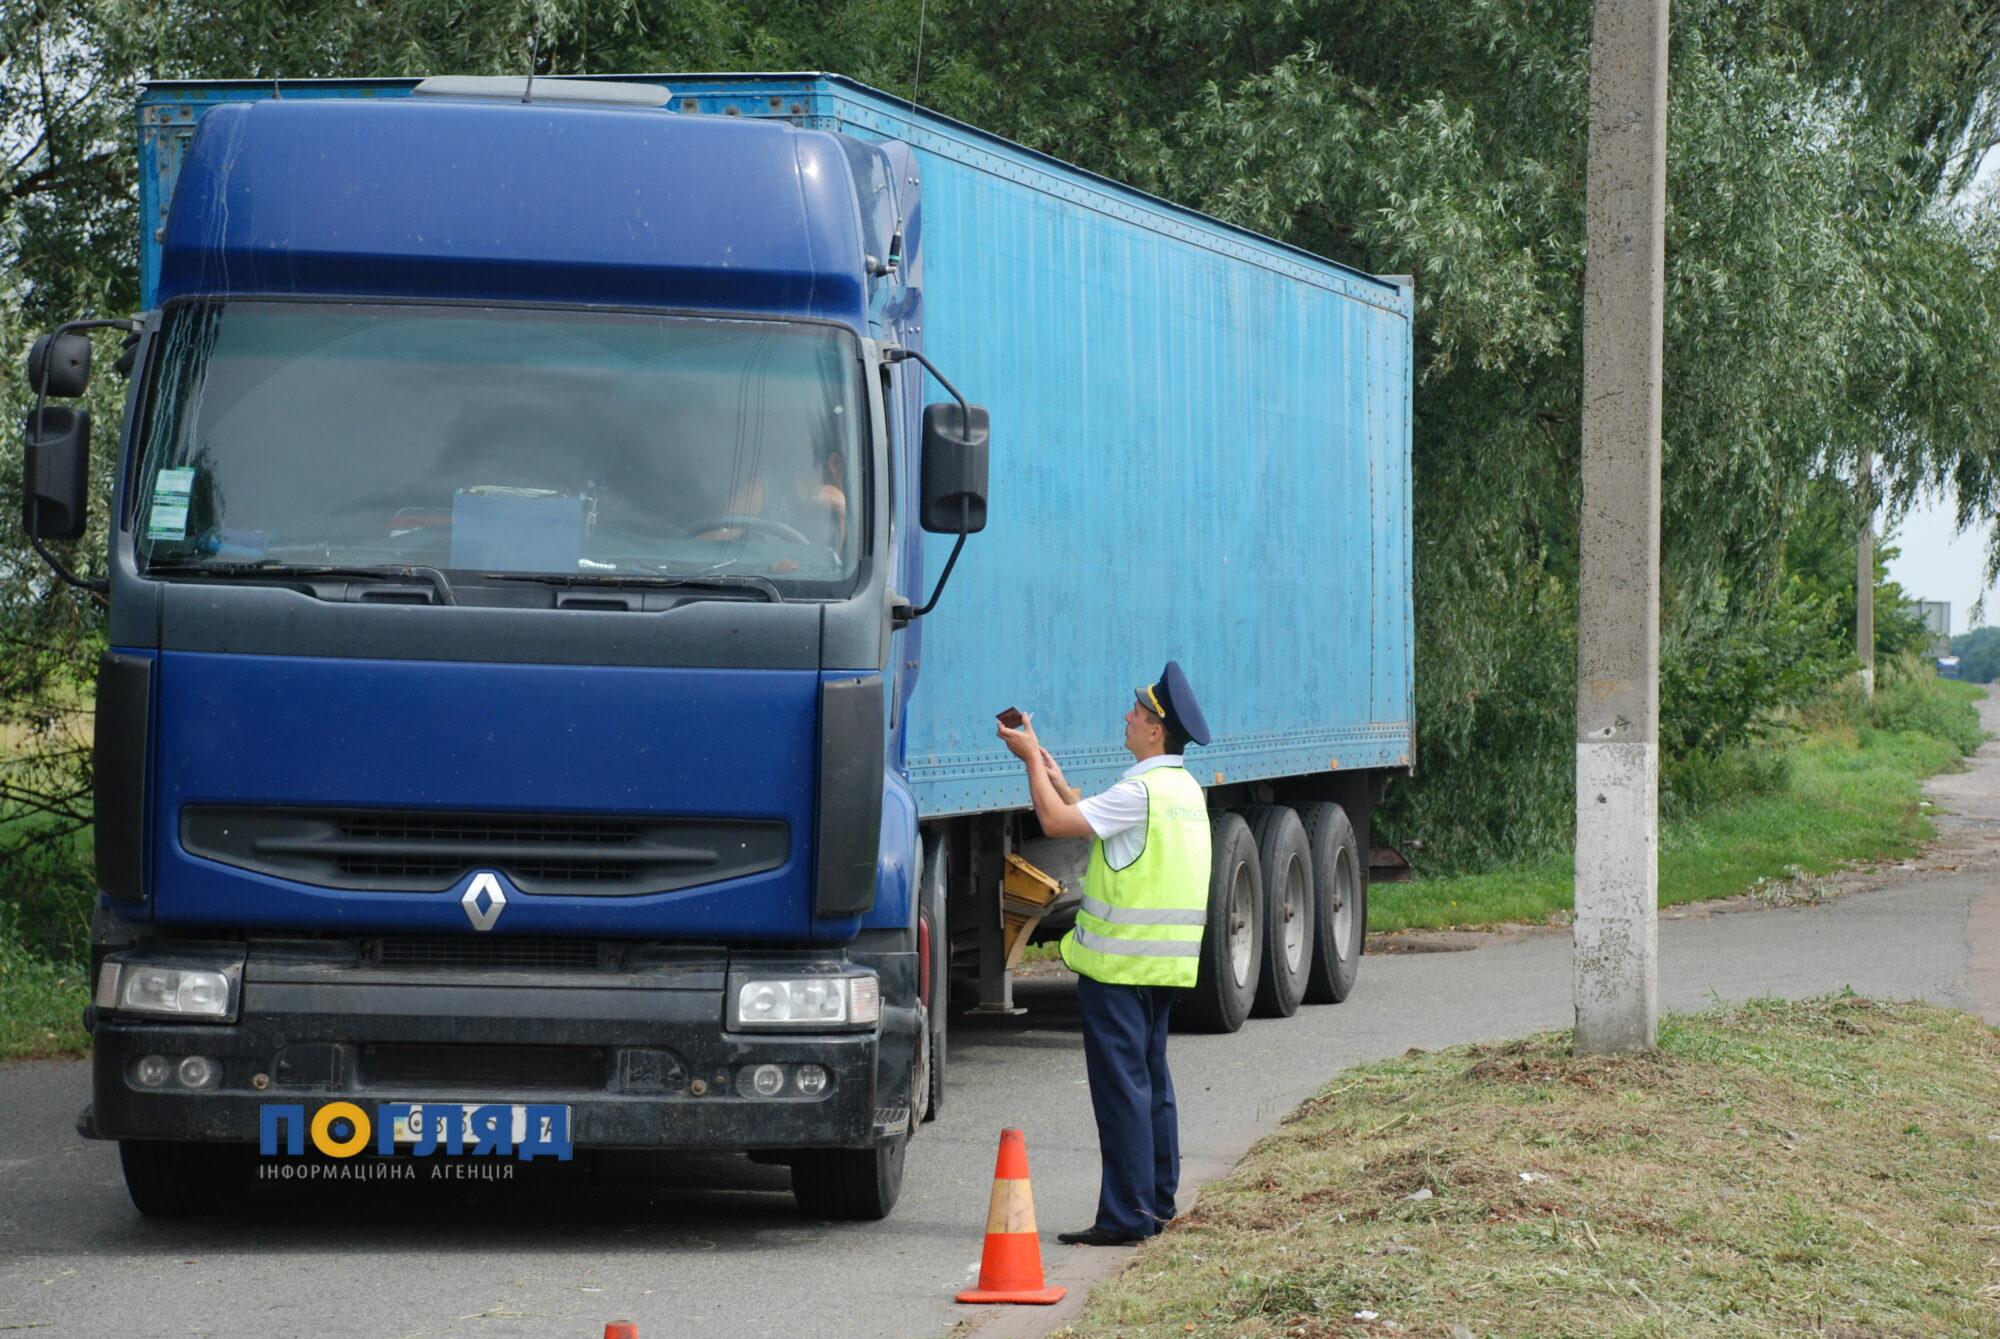 Зберегти дороги: в Україні посилять відповідальність за недотримання габаритно-вагових норм - законопроєкт, дороги, Верховна Рада України, вантажівки - DSC 2519 2000x1339